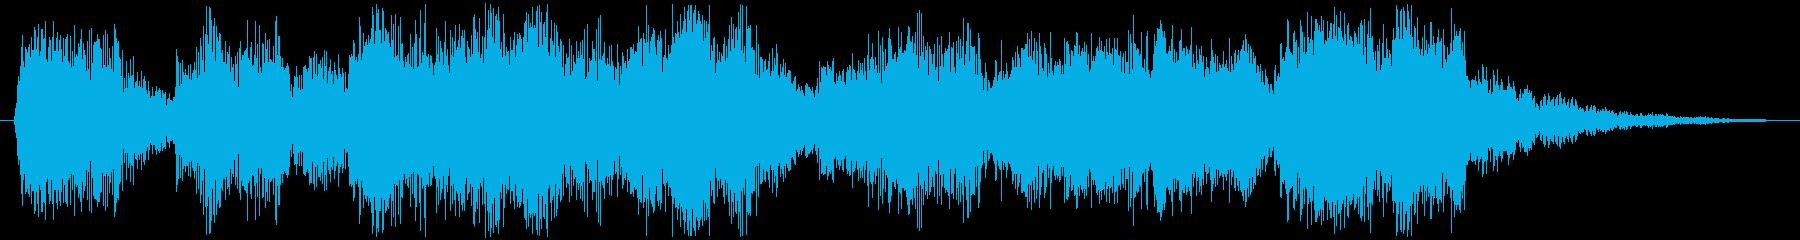 楽しげなアイキャッチ効果音の再生済みの波形